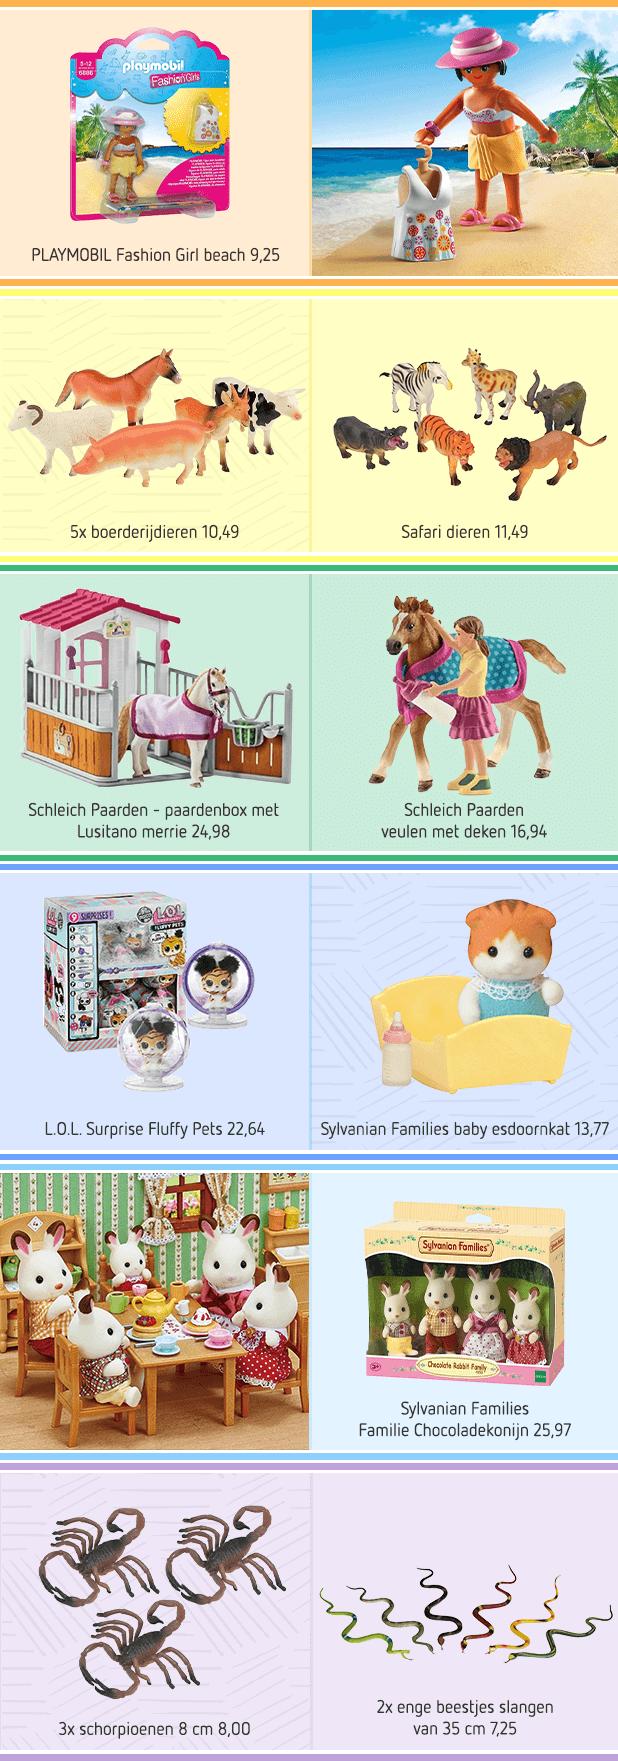 Shop nu het leukste speelgoed voor elk rollenspel!